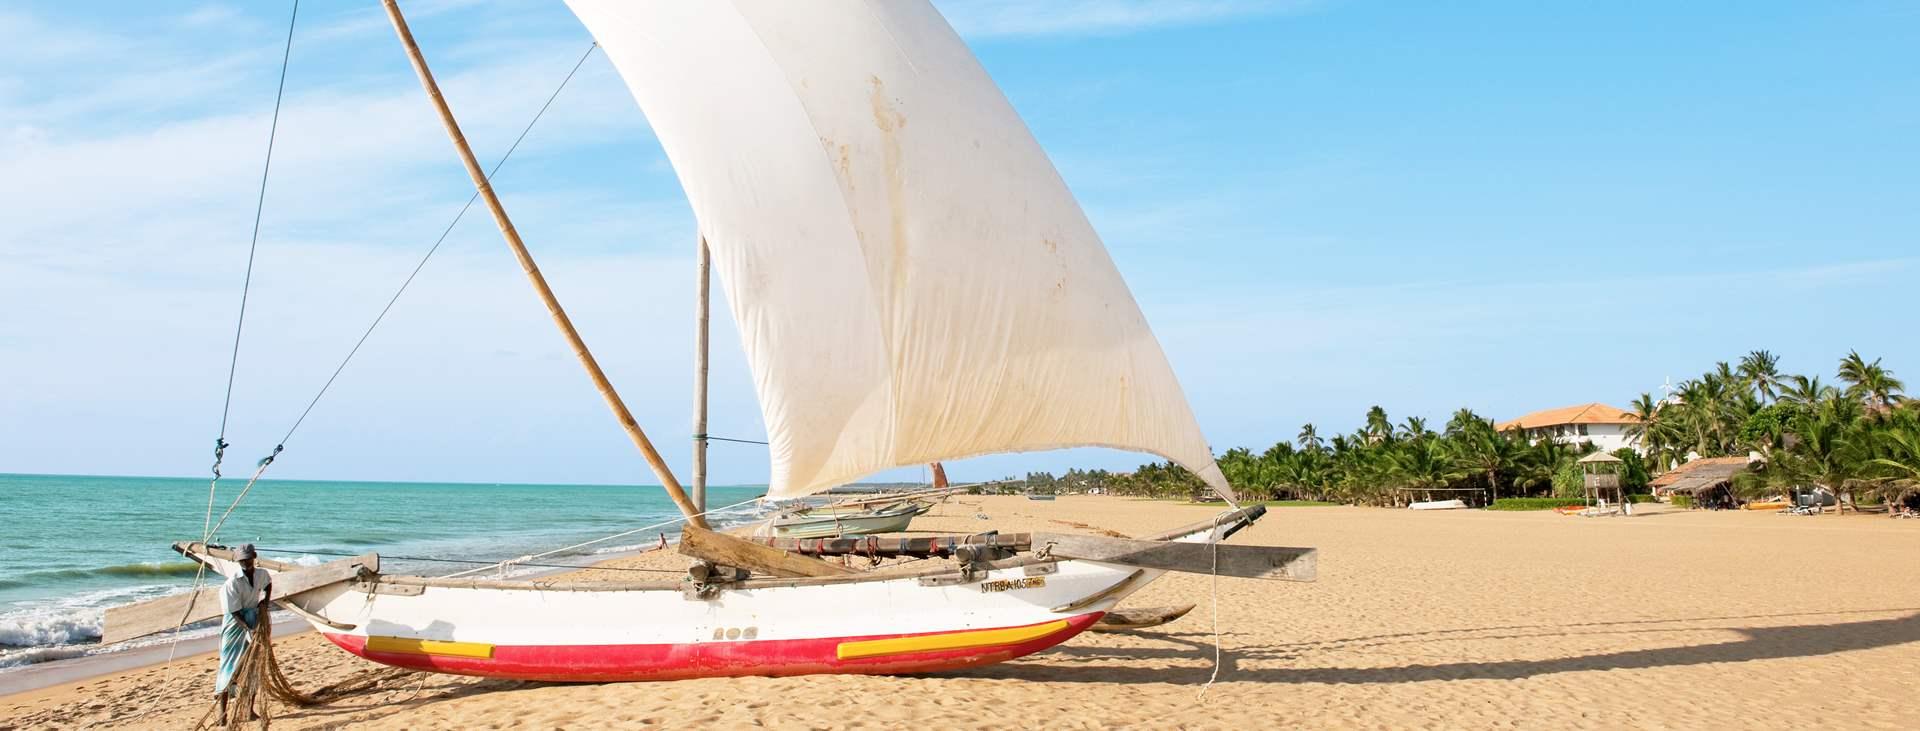 Varaa rentouttava loma Negombossa, Sri Lankalla